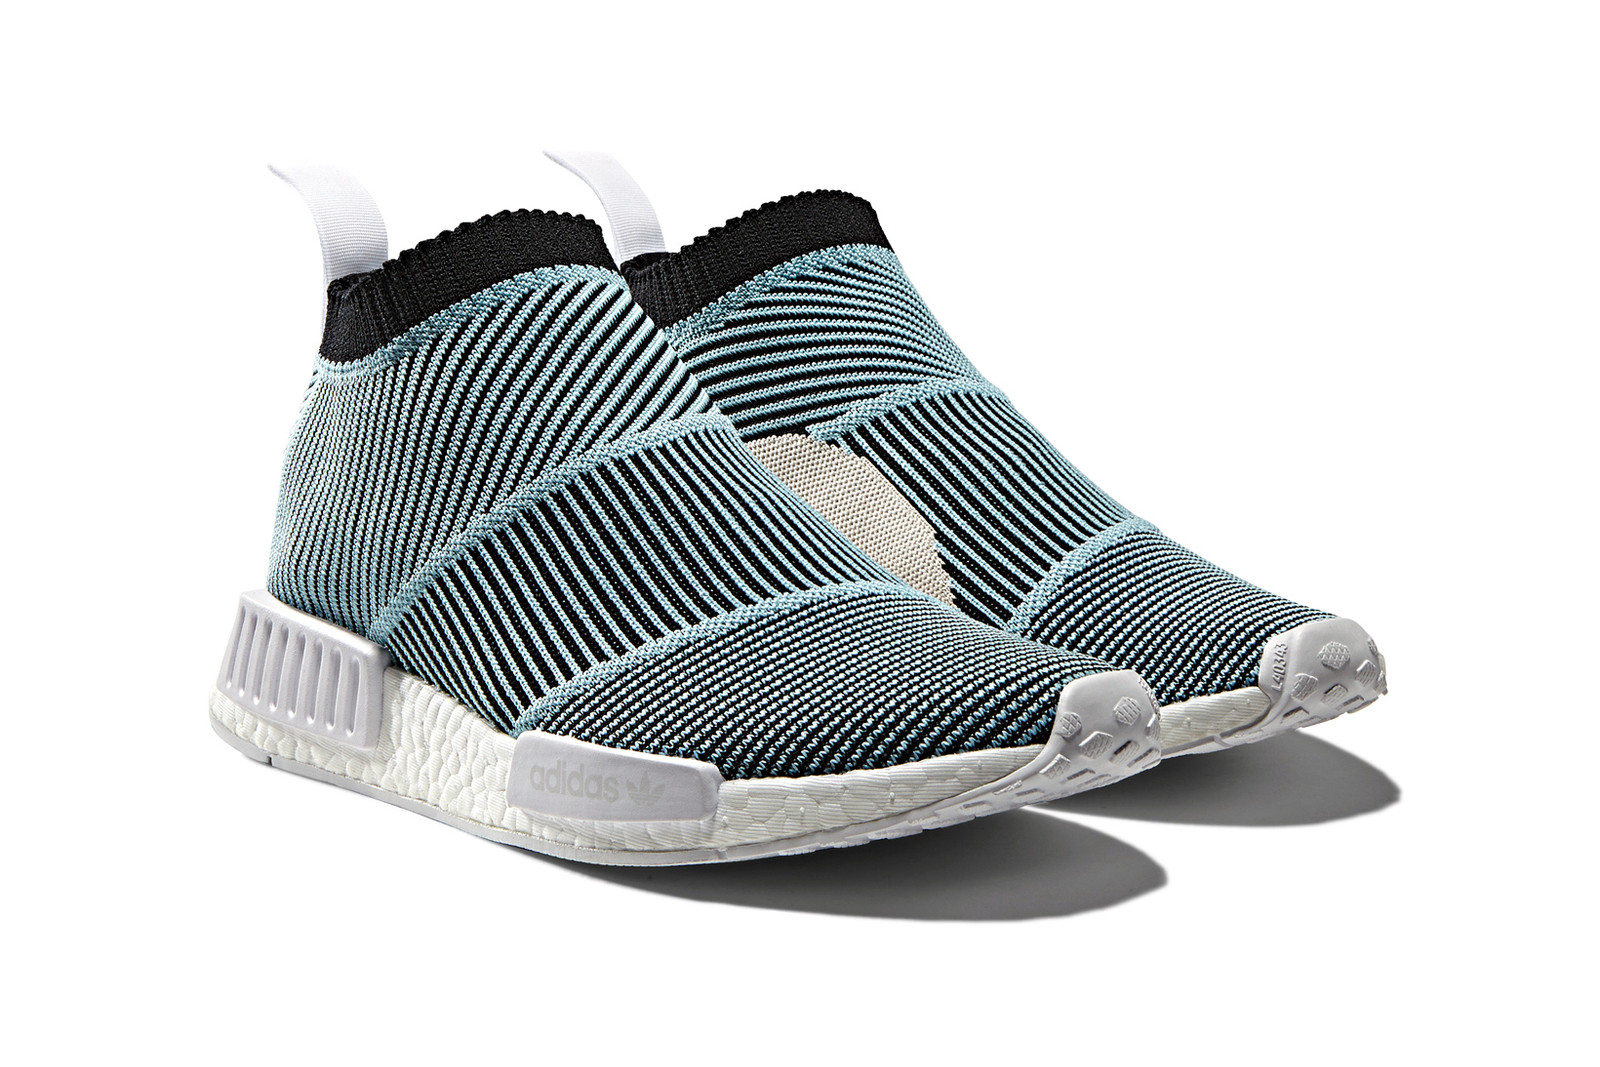 adidas Originals NMD CS1 Parley Blue